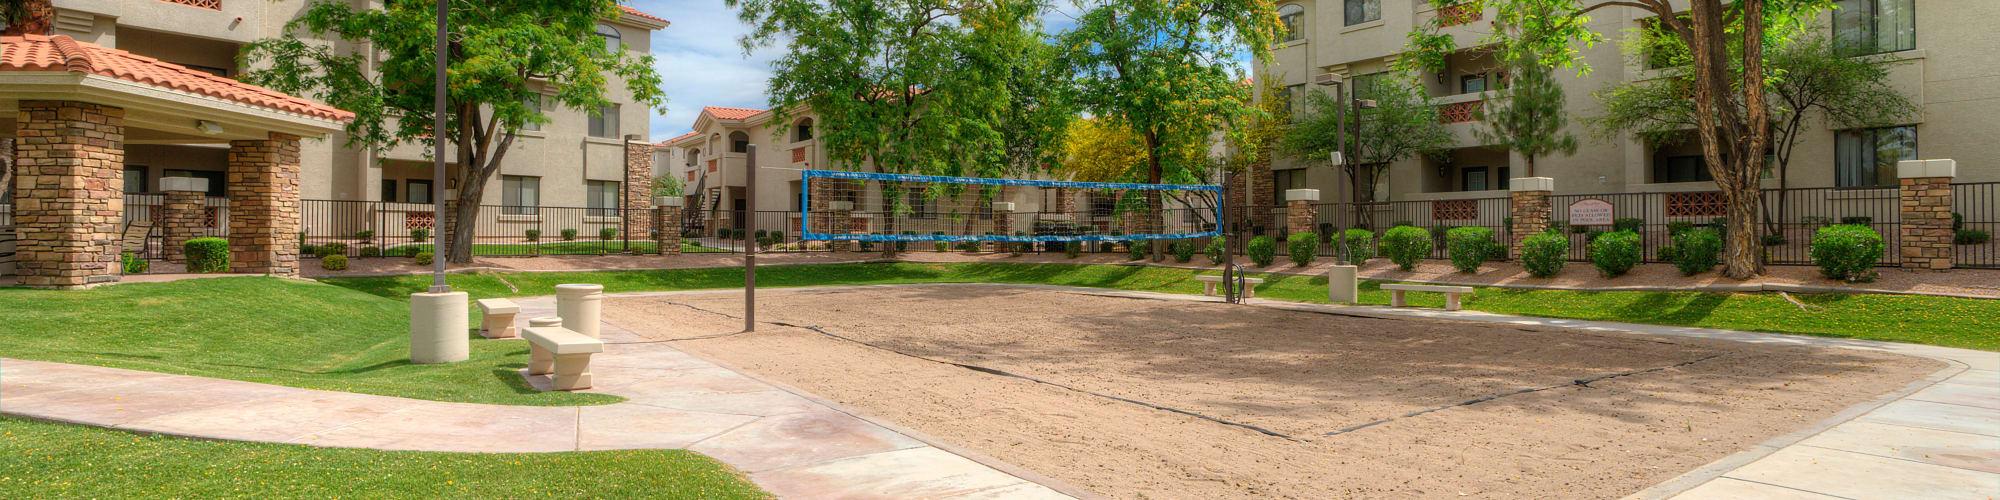 Photos of San Hacienda in Chandler, Arizona